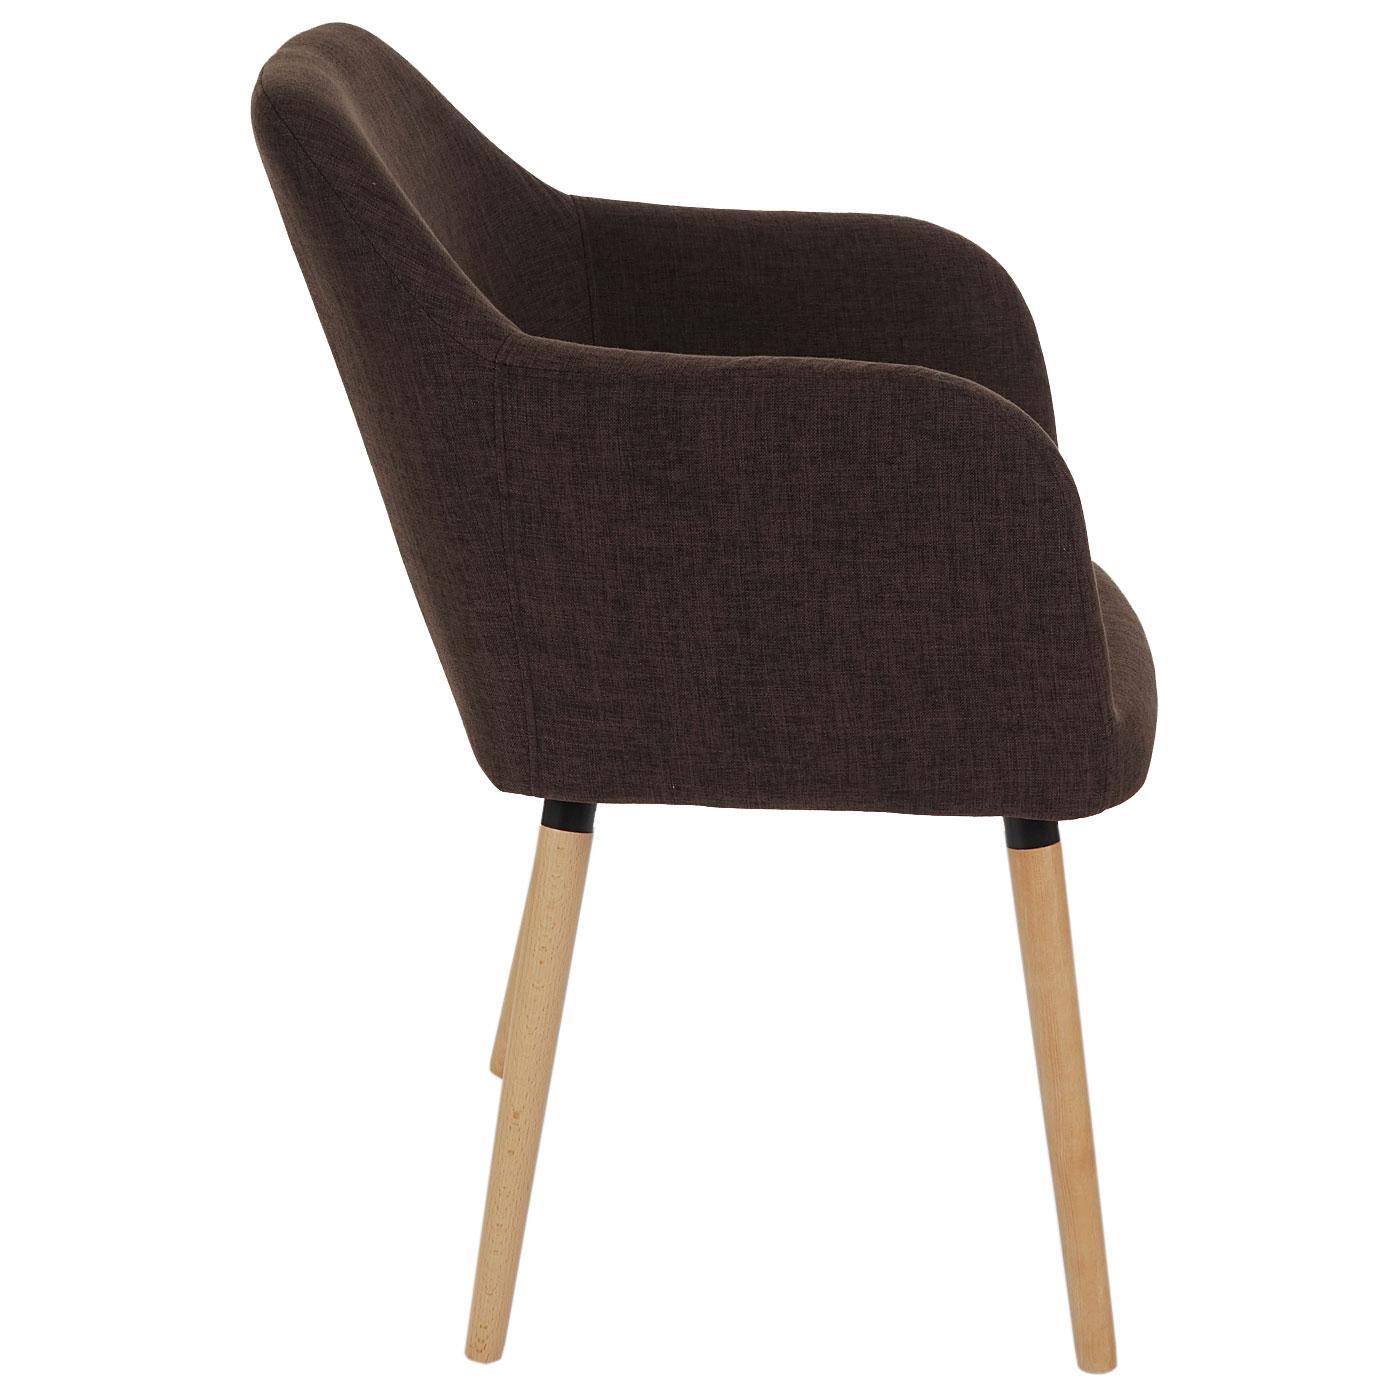 Lote de 4 sillas de comedor tulio tela tapizadas en for Sillas para comedor tapizadas en tela